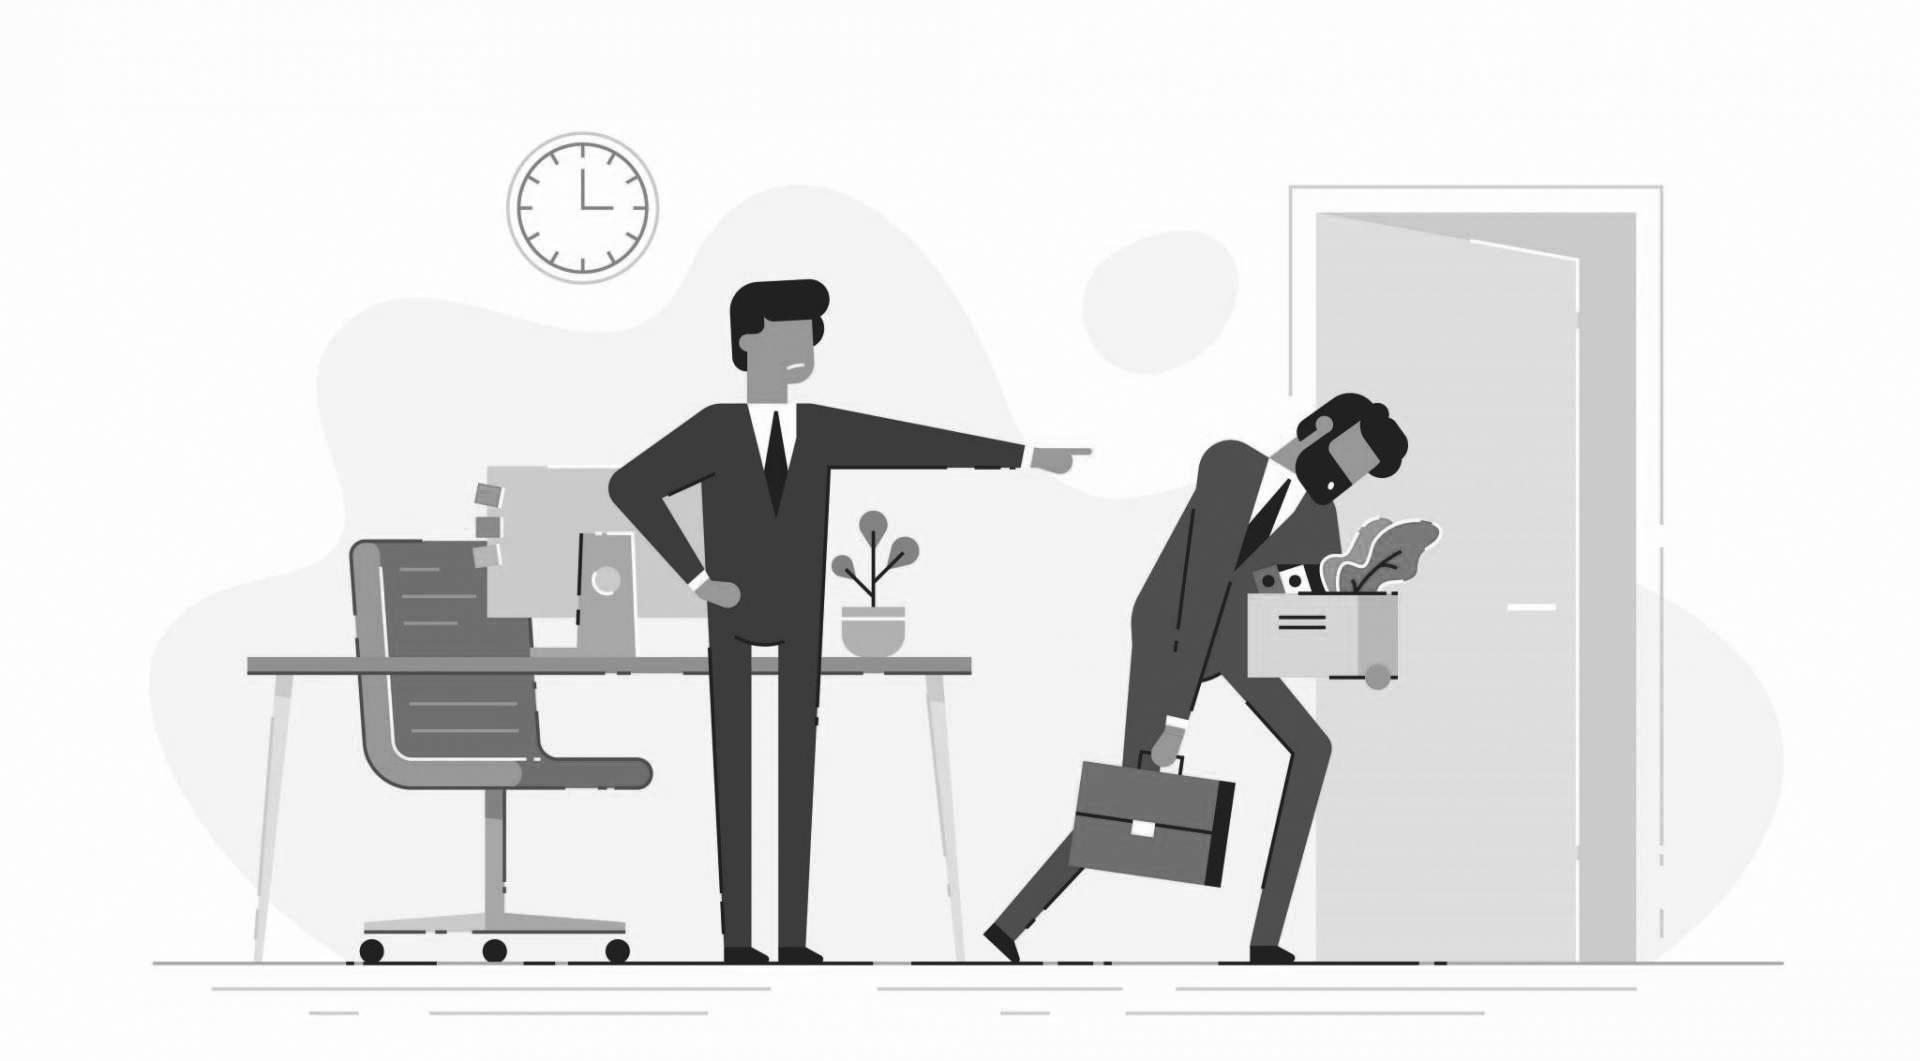 إذا فُصلتَ من عملك.. فإليك 5 خطوات للحصول على عمل جديد